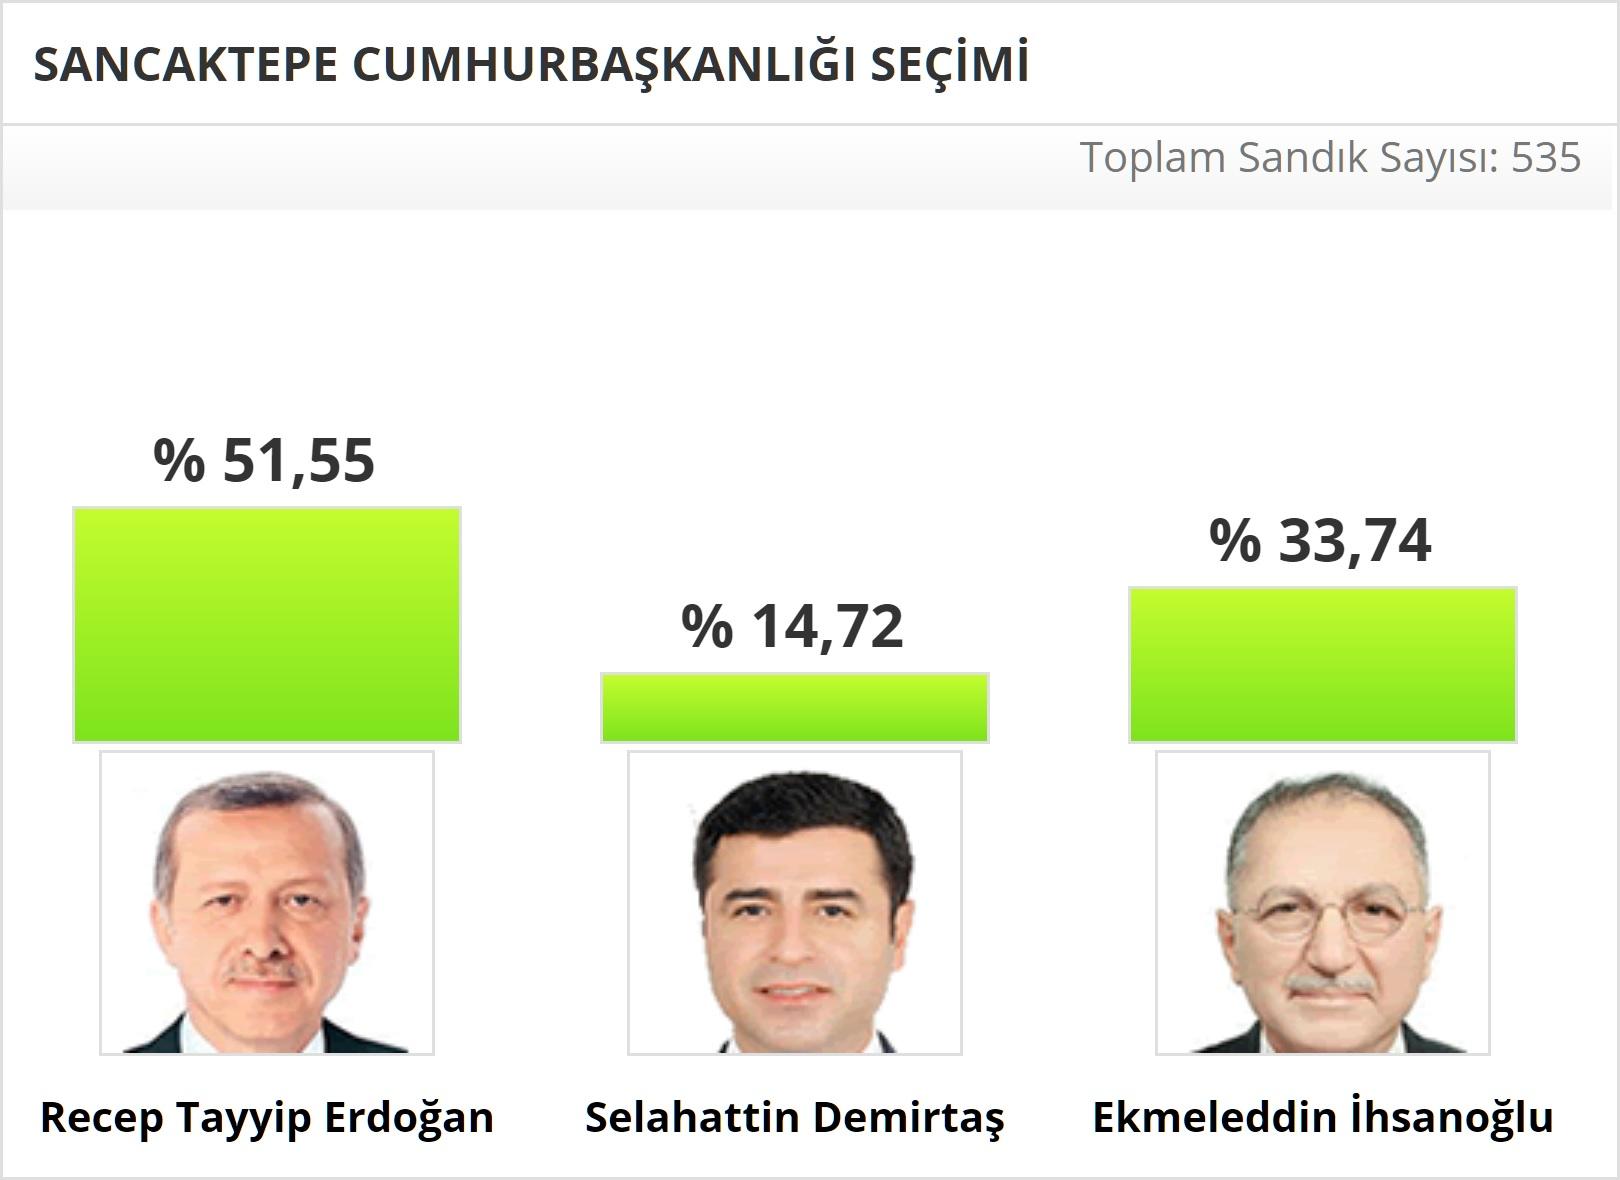 2014 Sancaktepe Cumhurbaşkanlığı Seçim Sonuçları